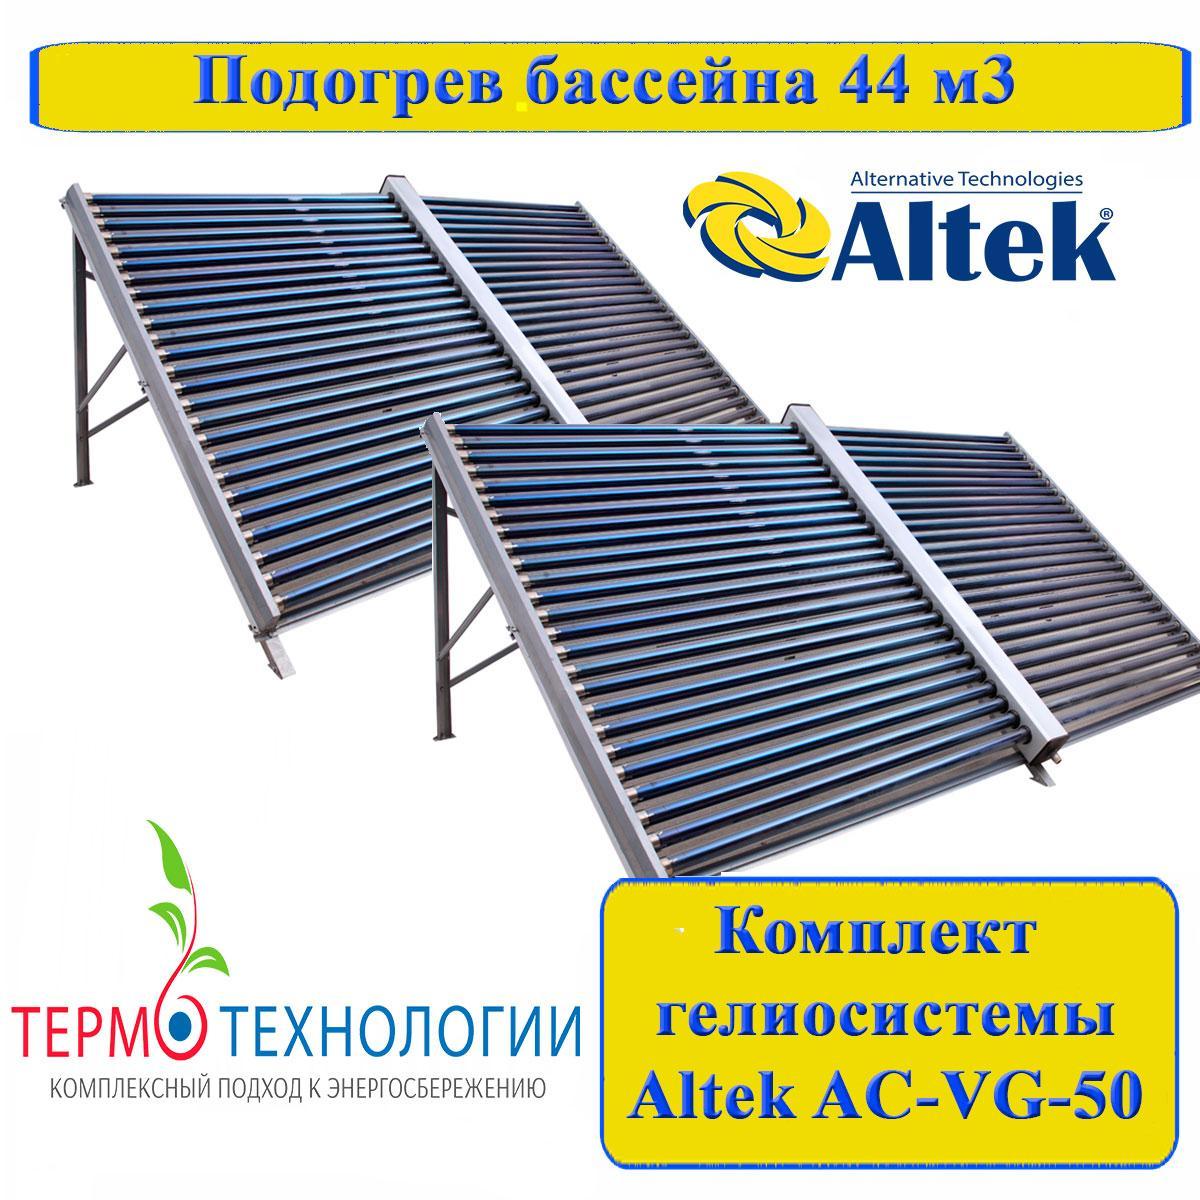 Гелиосистема на базе Altek AC-VG- 50. Сезонный подогрев воды бассейна